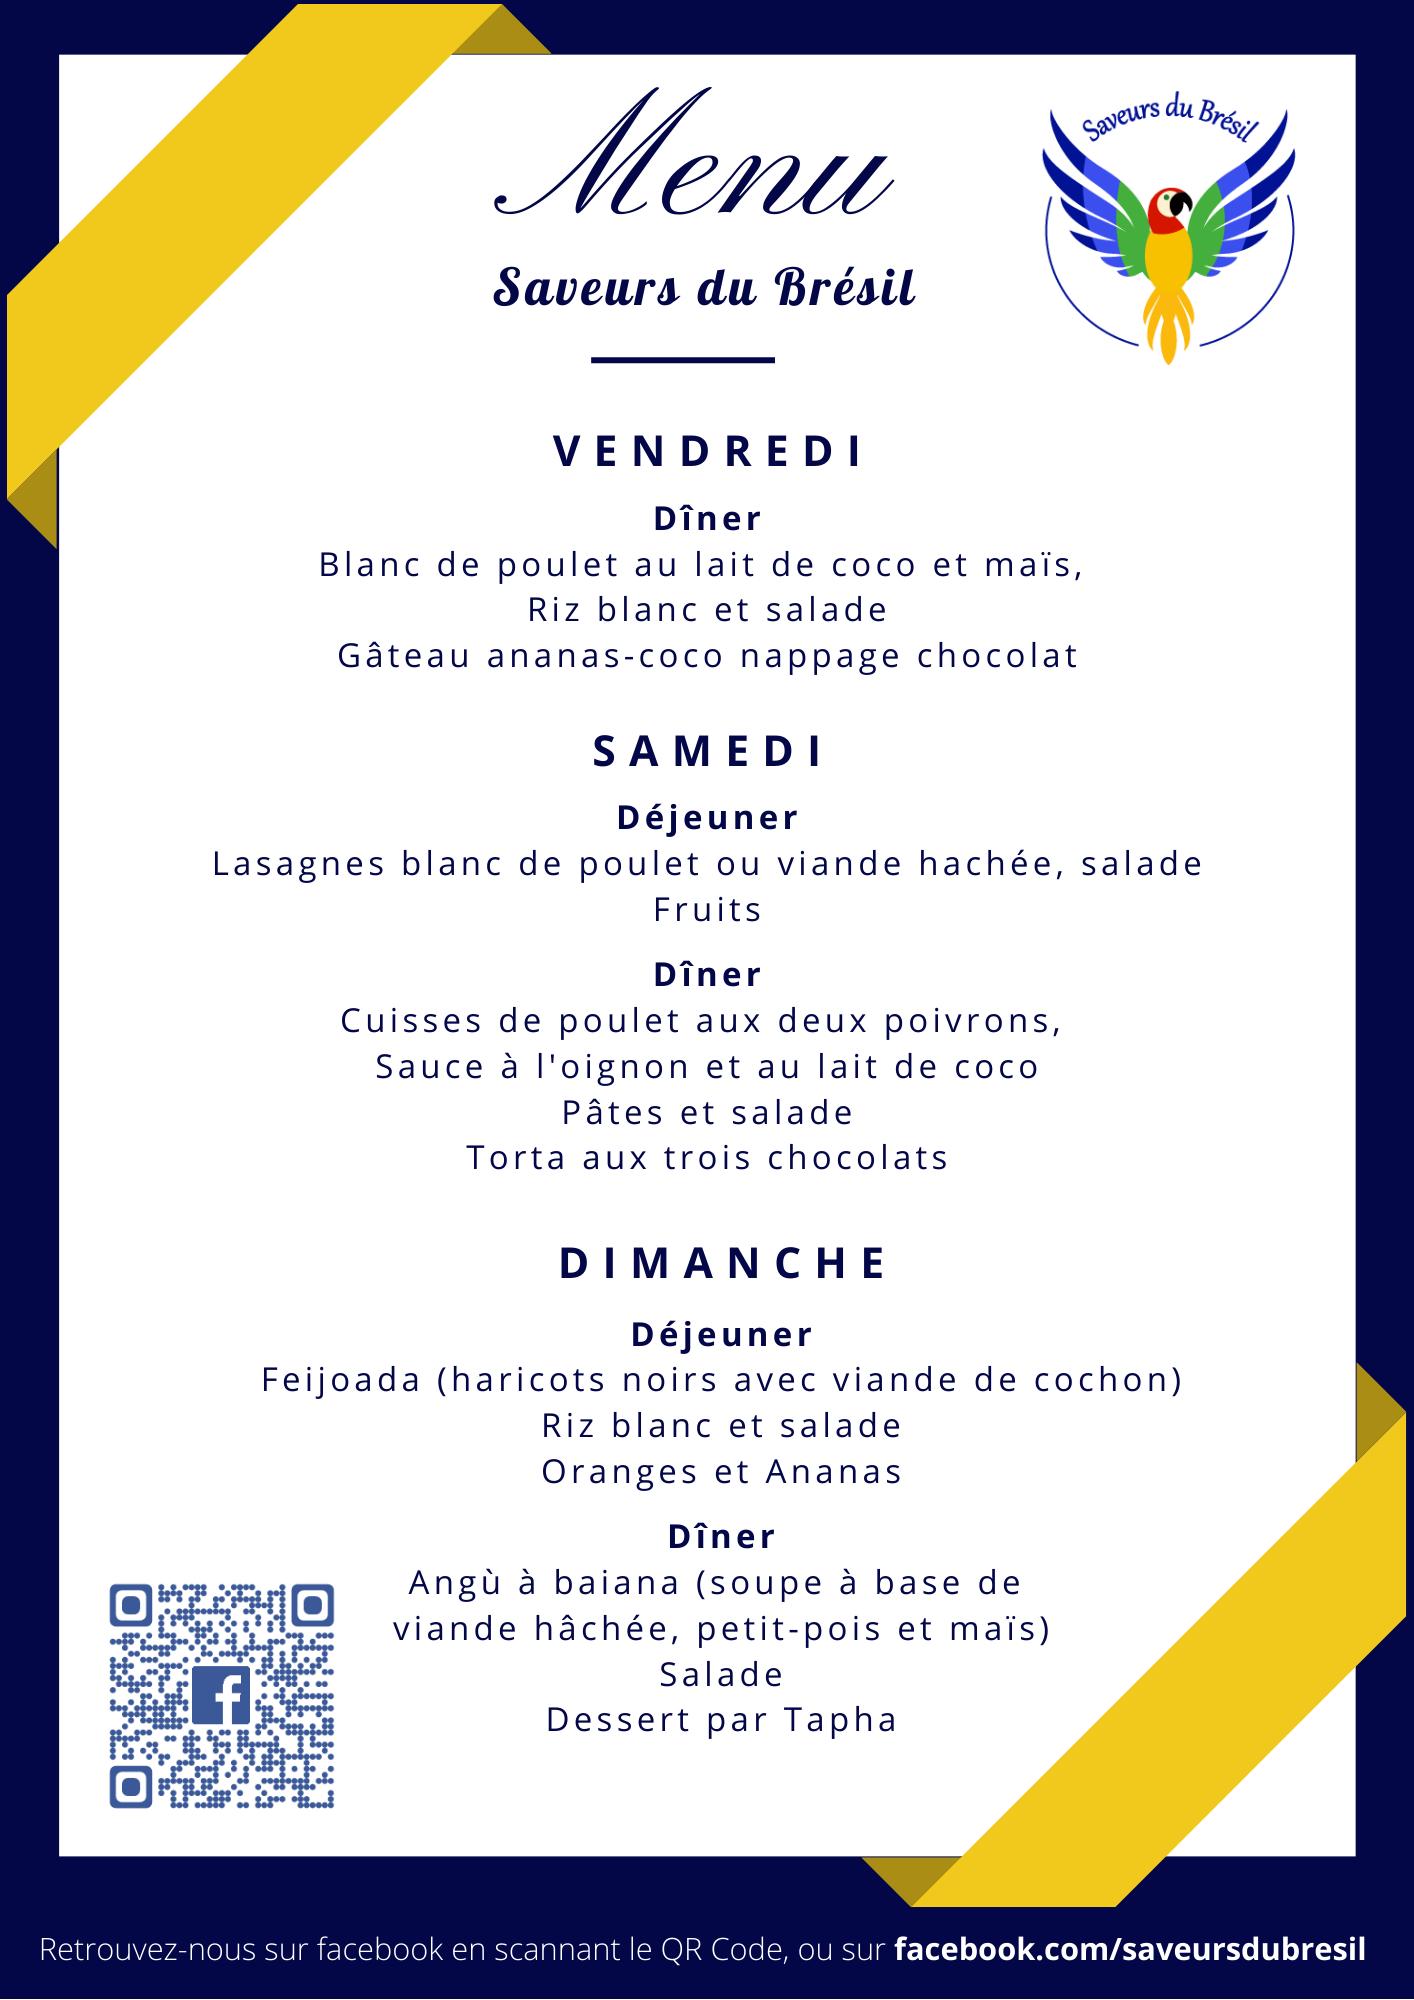 création graphique d'un menu saveurs du brésil